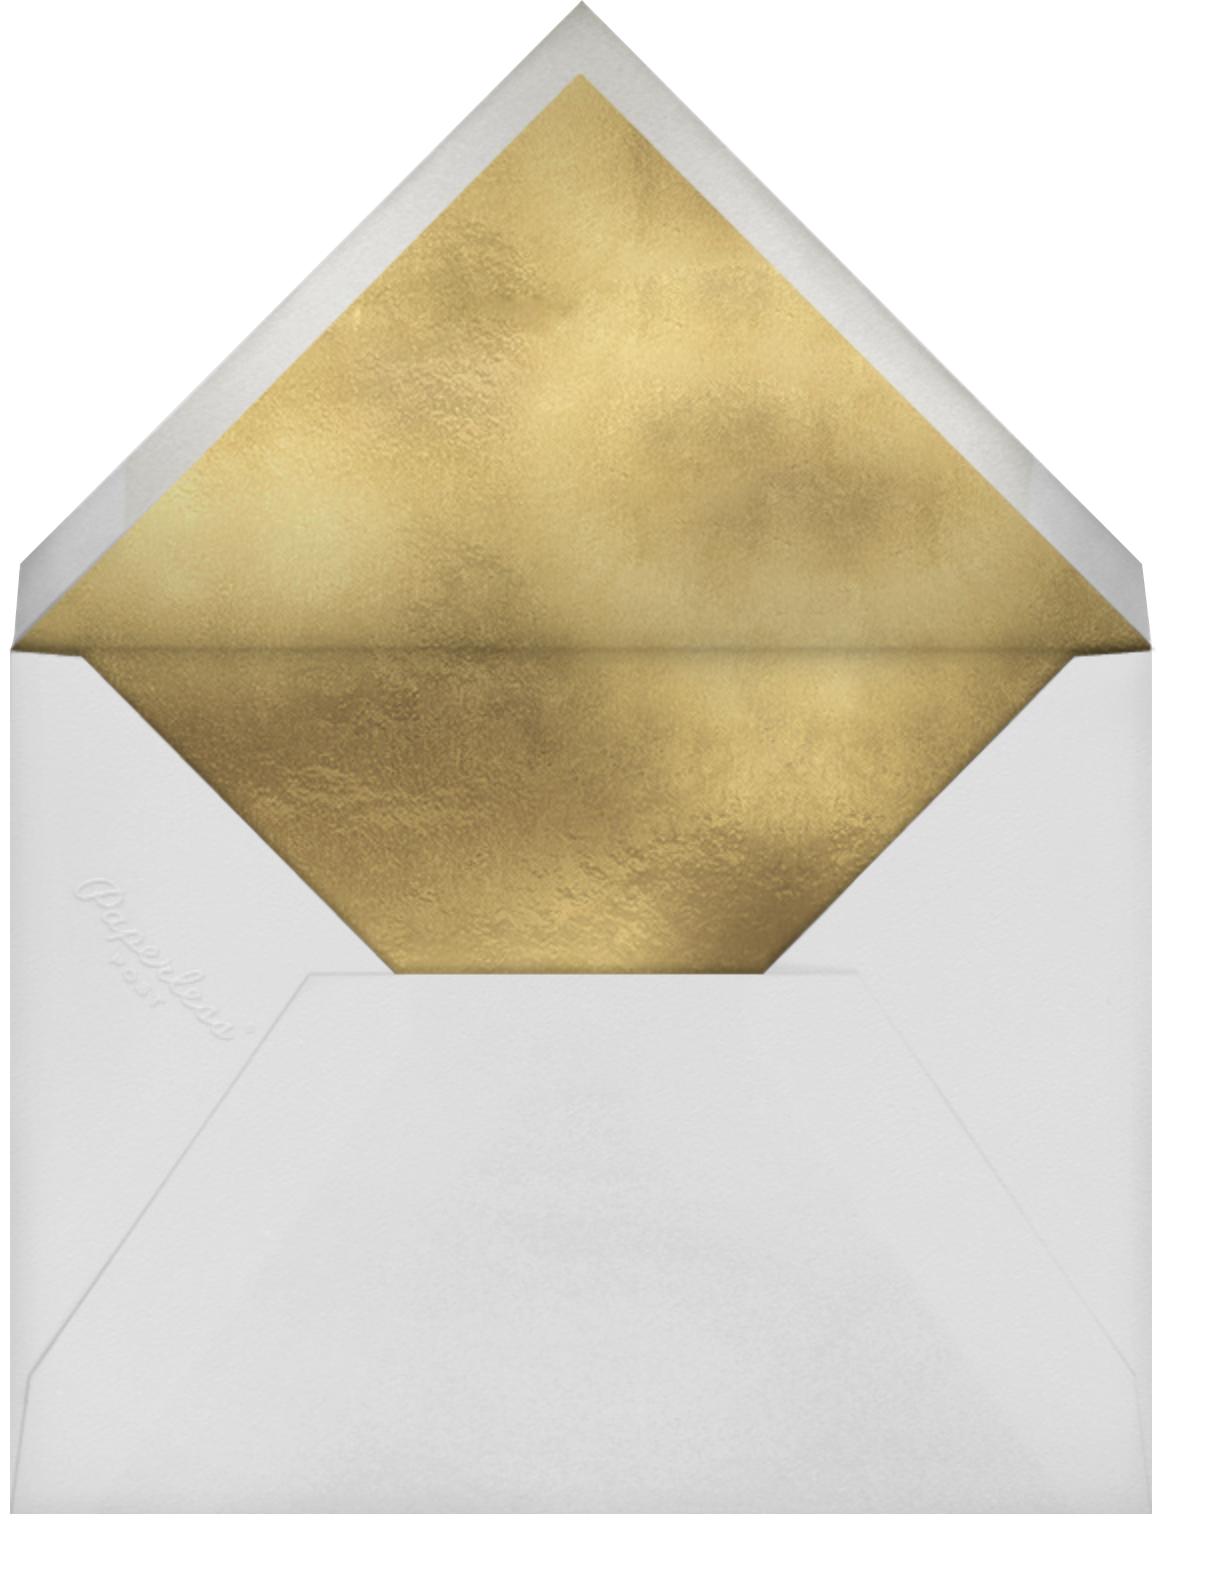 Bract (Invitation) - Schumacher - Envelope